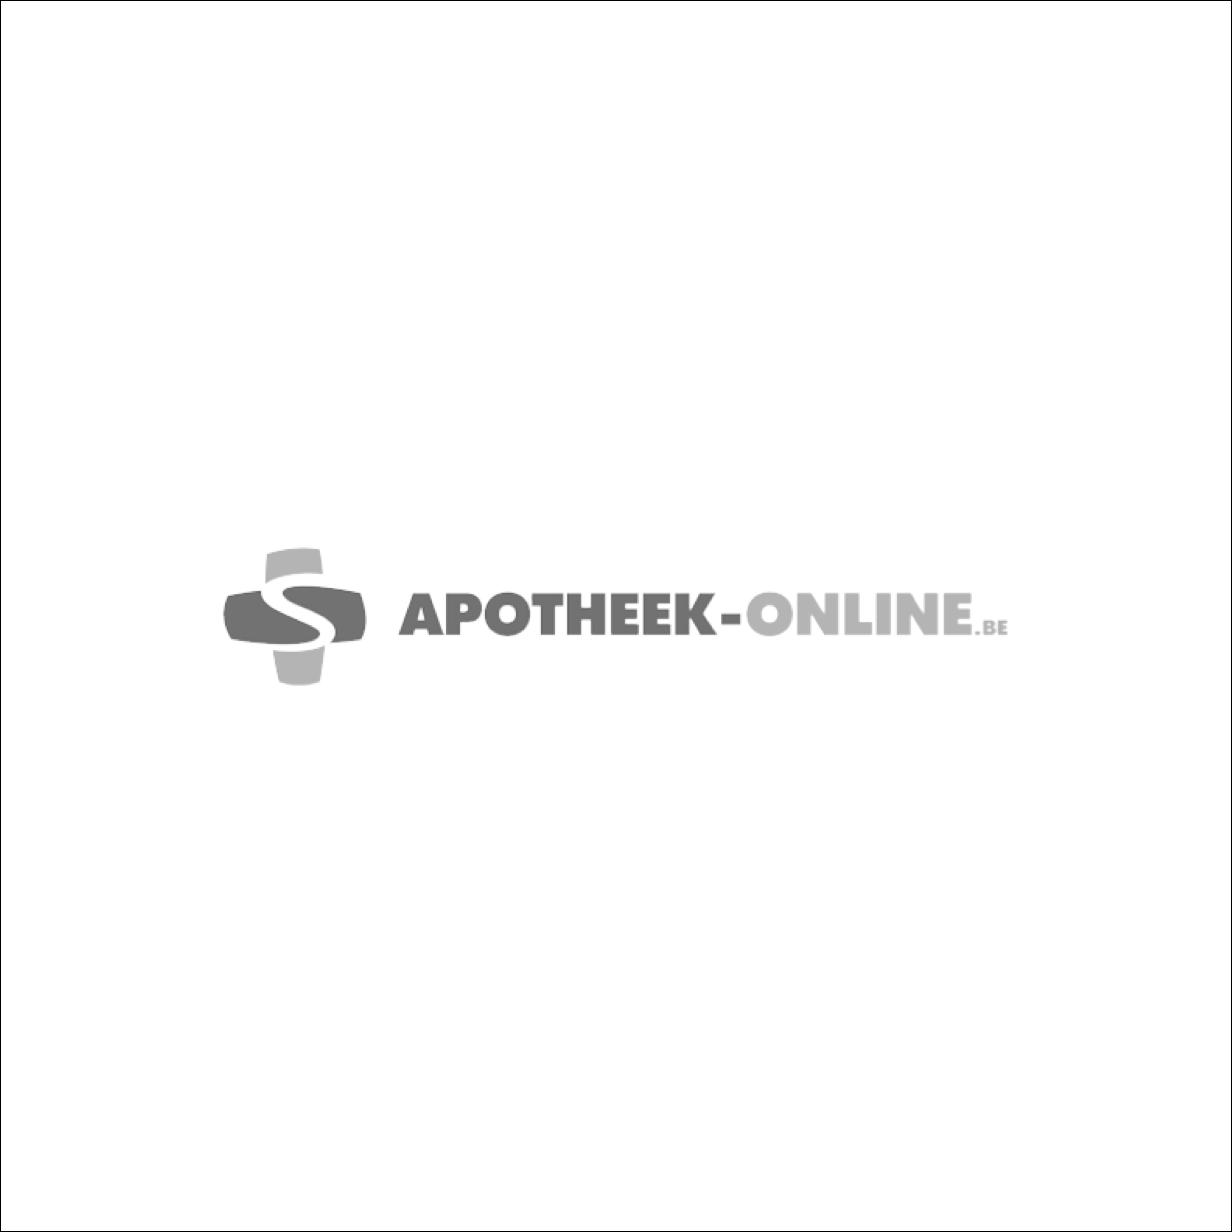 JOBST FOR MEN C2 20-30 AGH NOIR S 1P 7526100